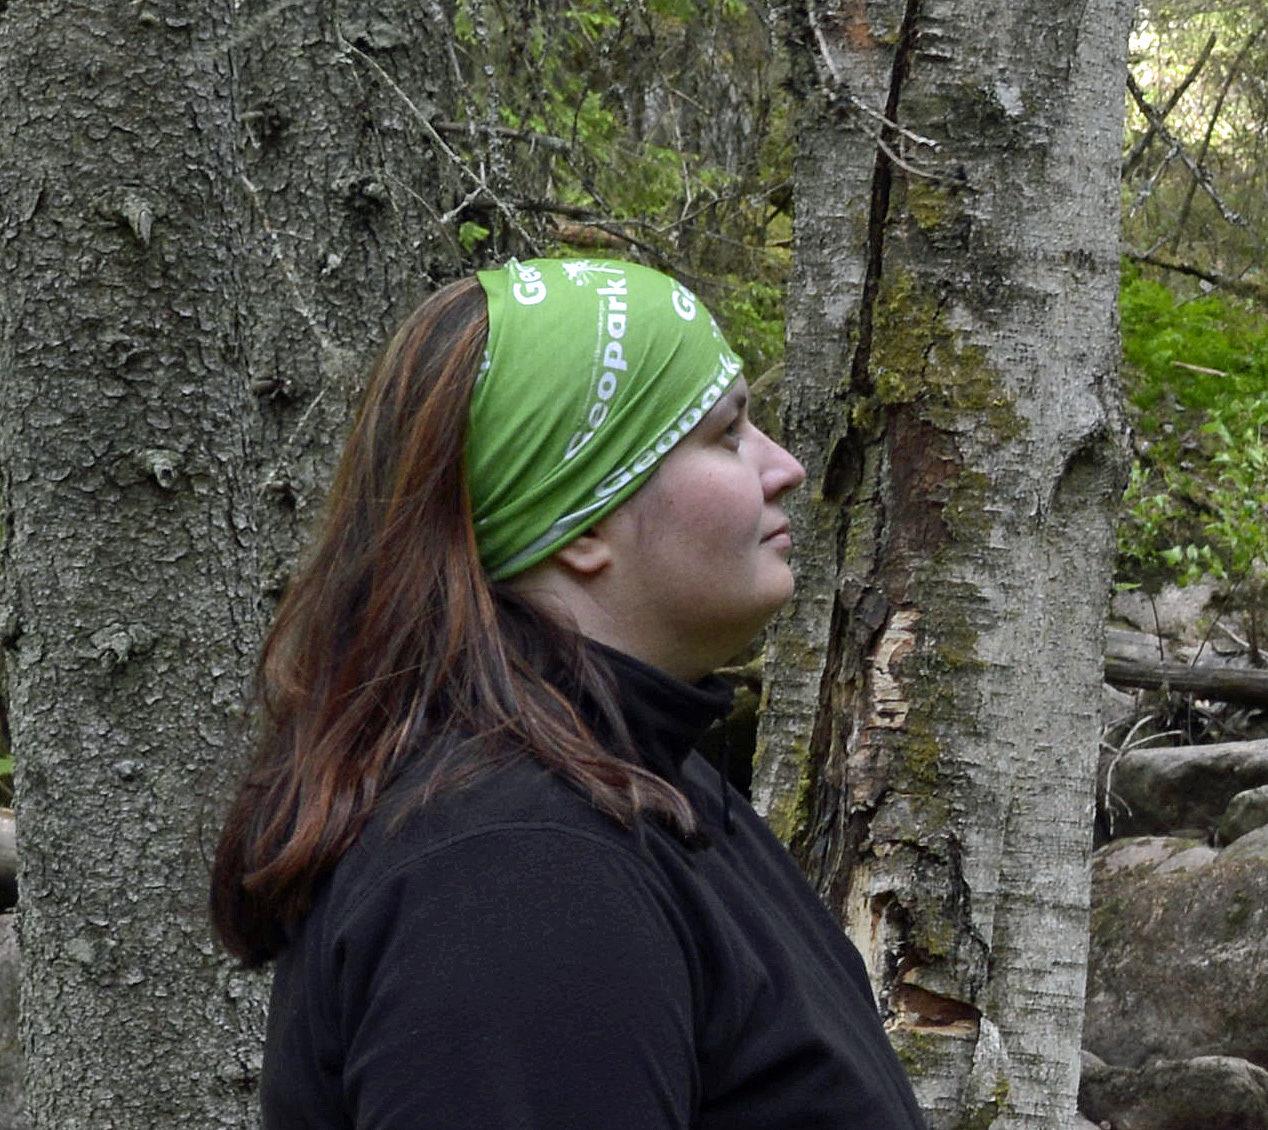 Lauhanvuori-Hämeenkangas Geopark tuubihuivi - Lauhanvuori-Hämeenkangas Geopark tuubihuivi